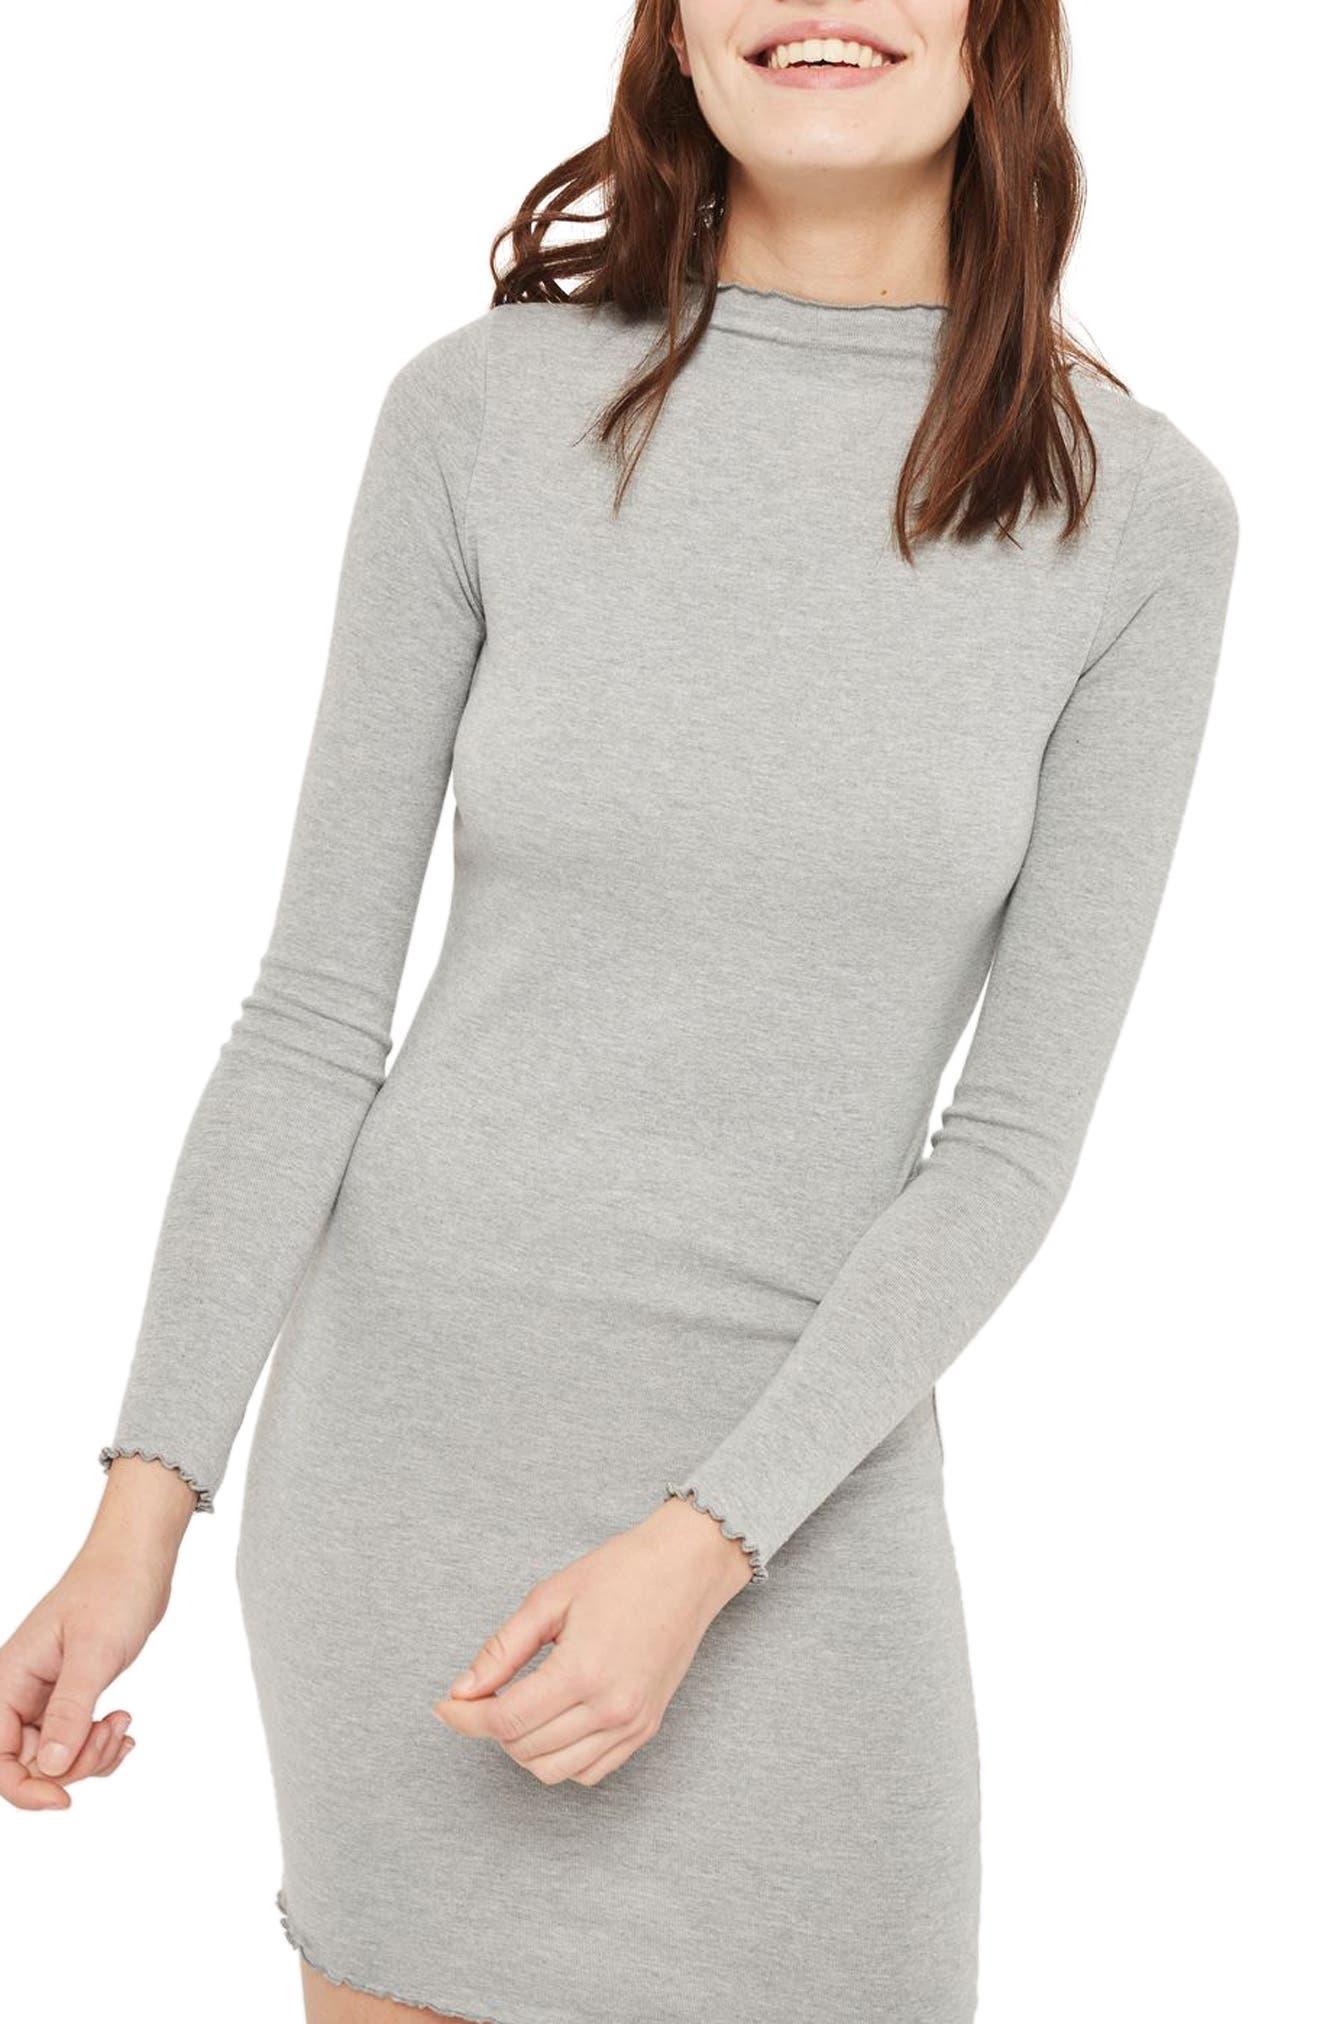 Lettuce Edge Body-Con Dress,                         Main,                         color, Grey